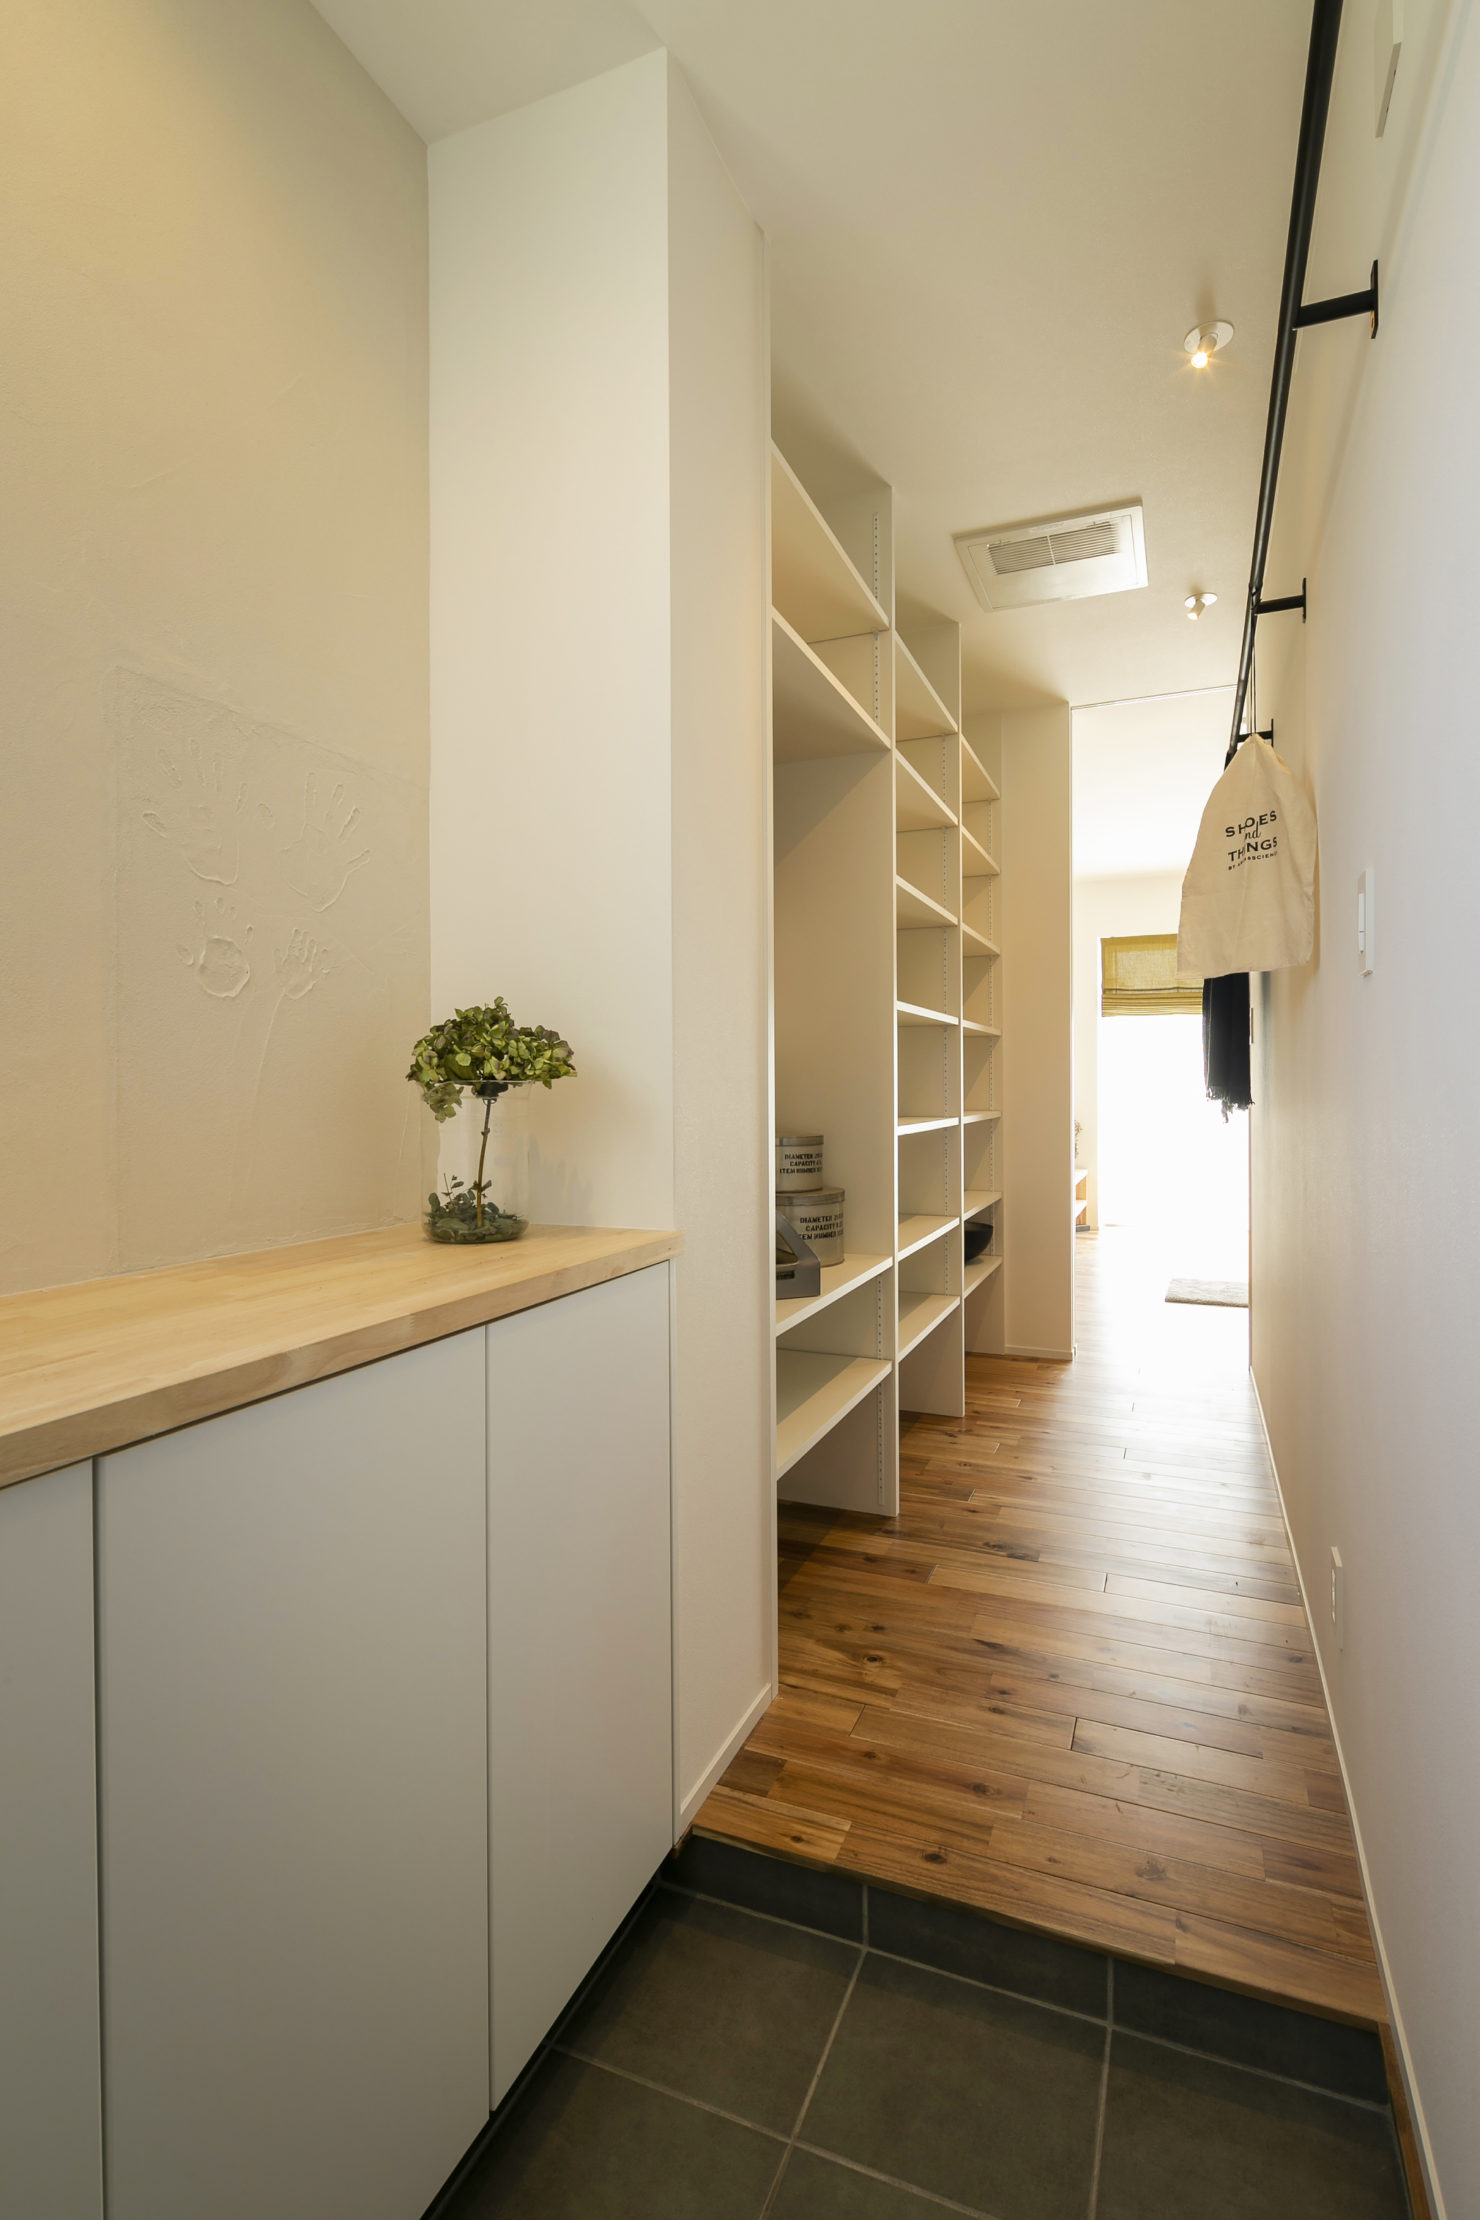 ハウスM21+archi「周囲との関係性・持続性のあるデザイン」玄関写真